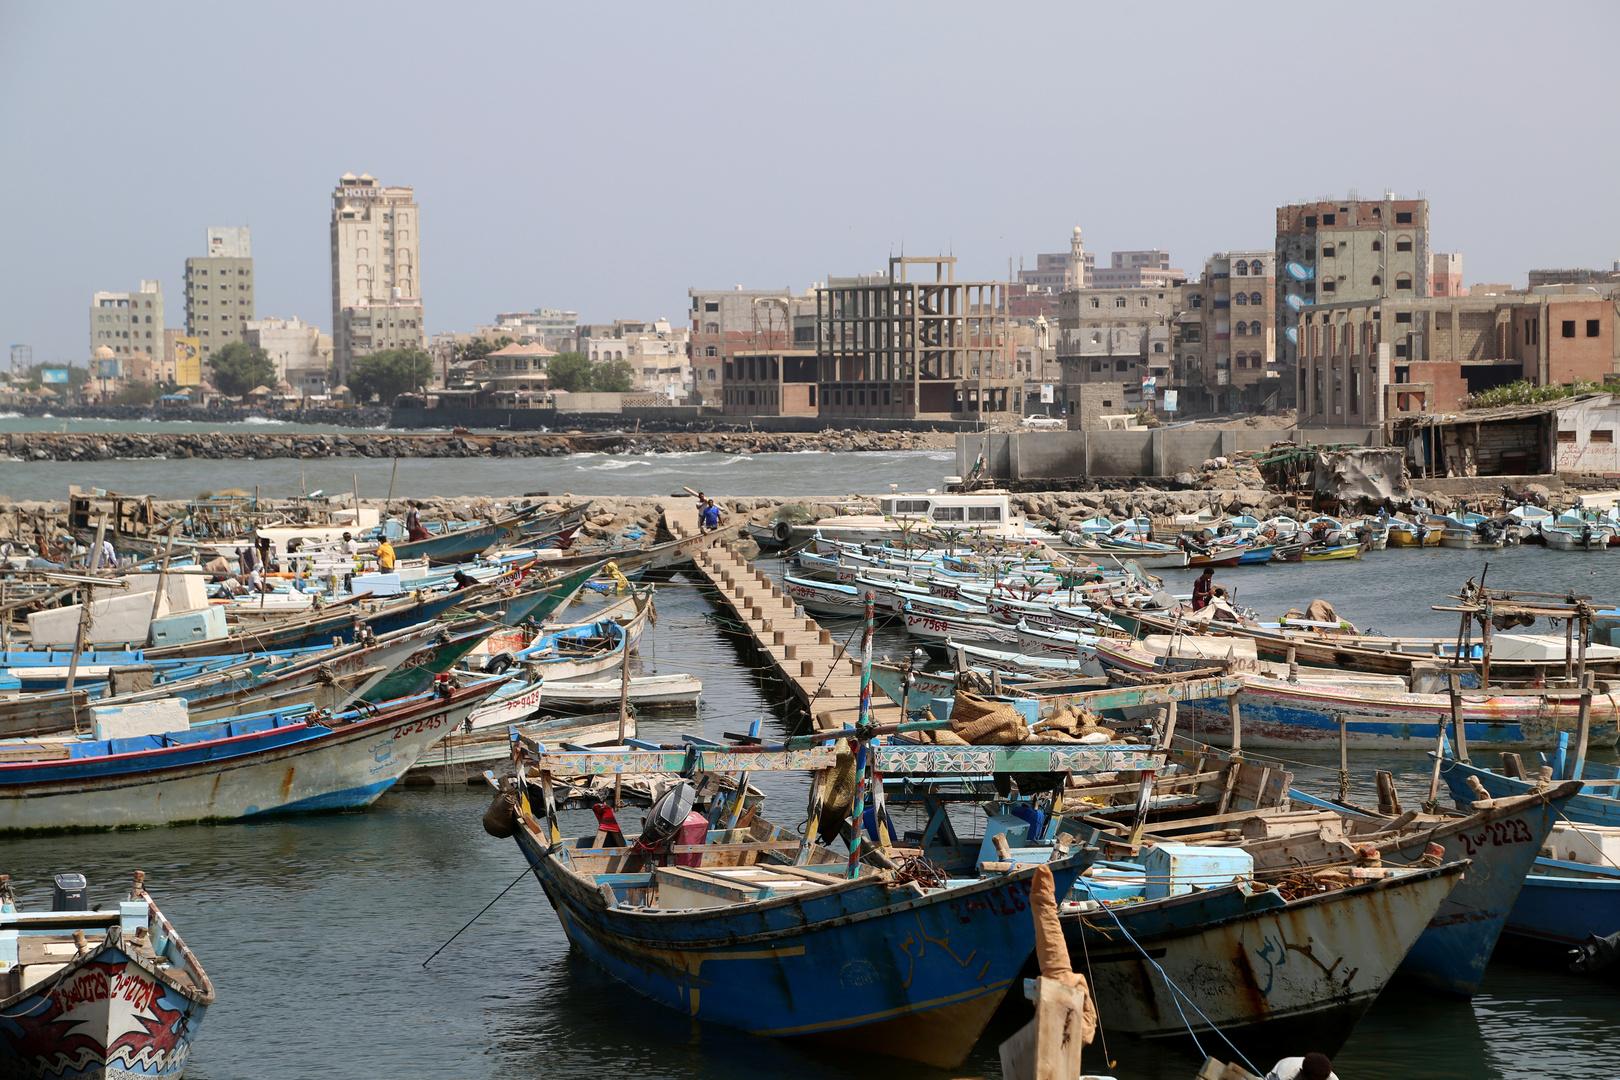 ميناء الحديدة في اليمن (صورة من الأرشيف)